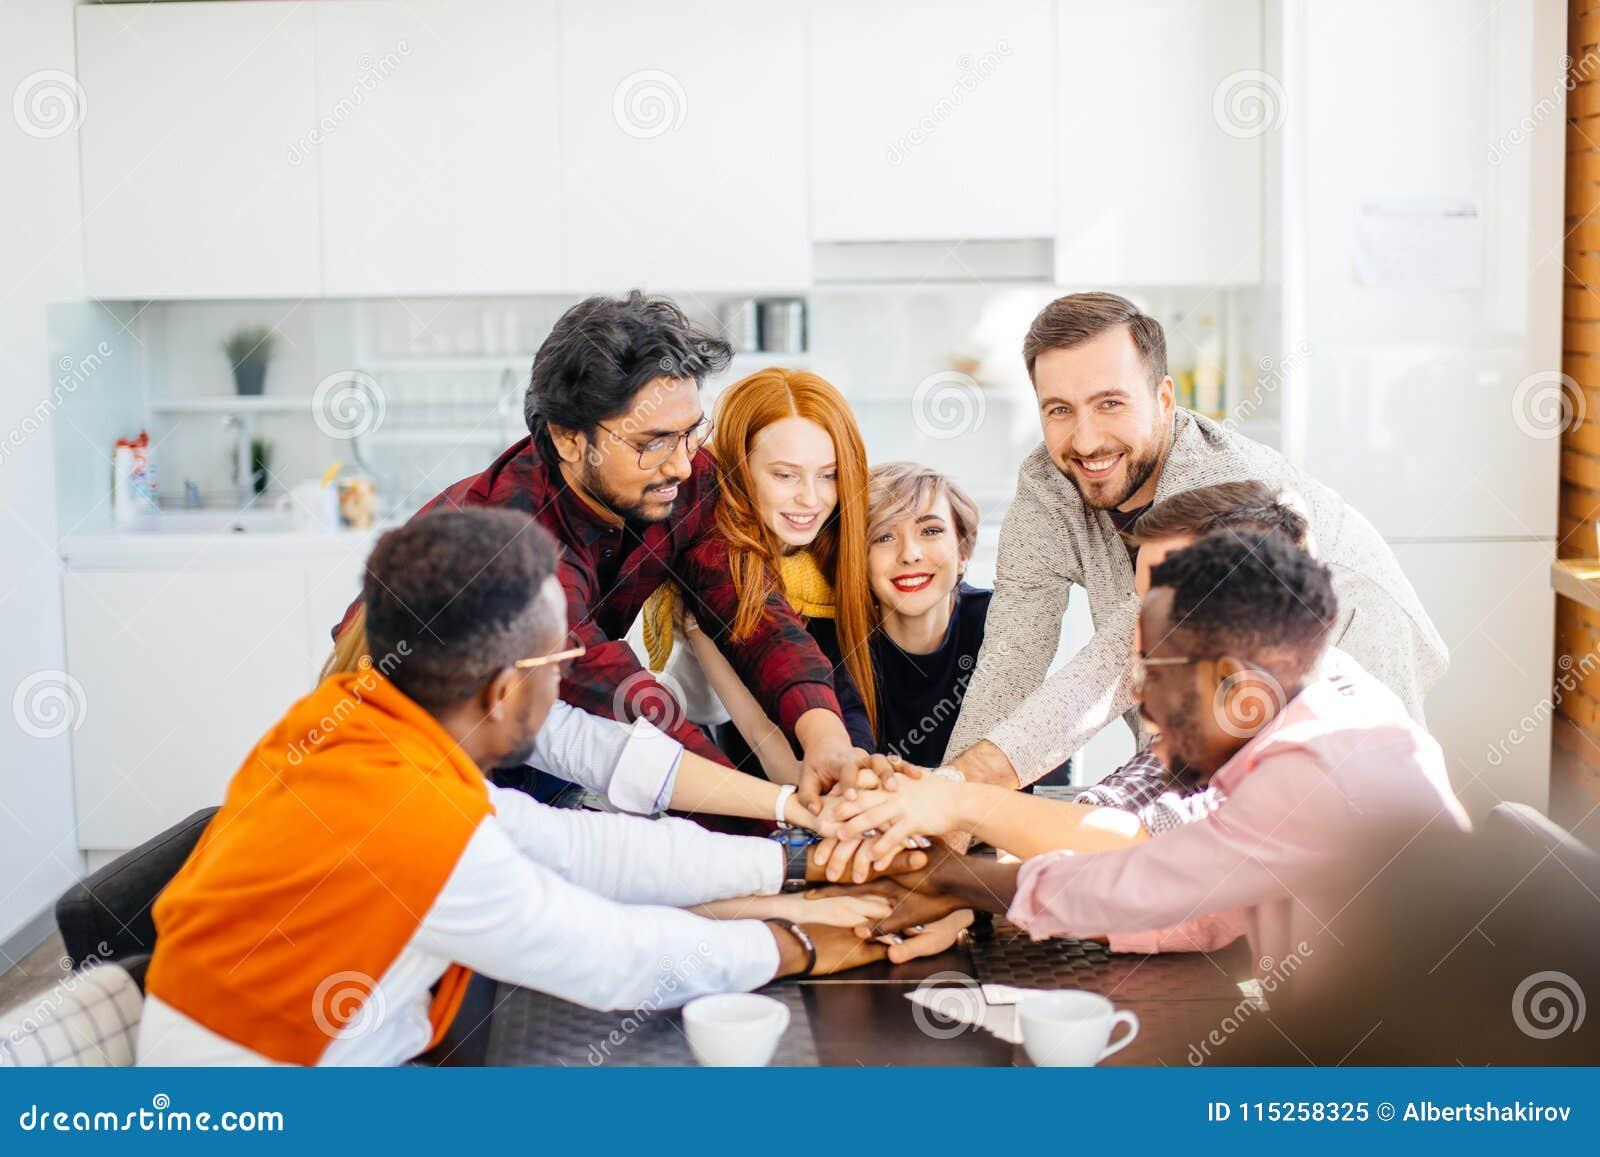 Les jeunes joignent des mains pour montrer leur unité